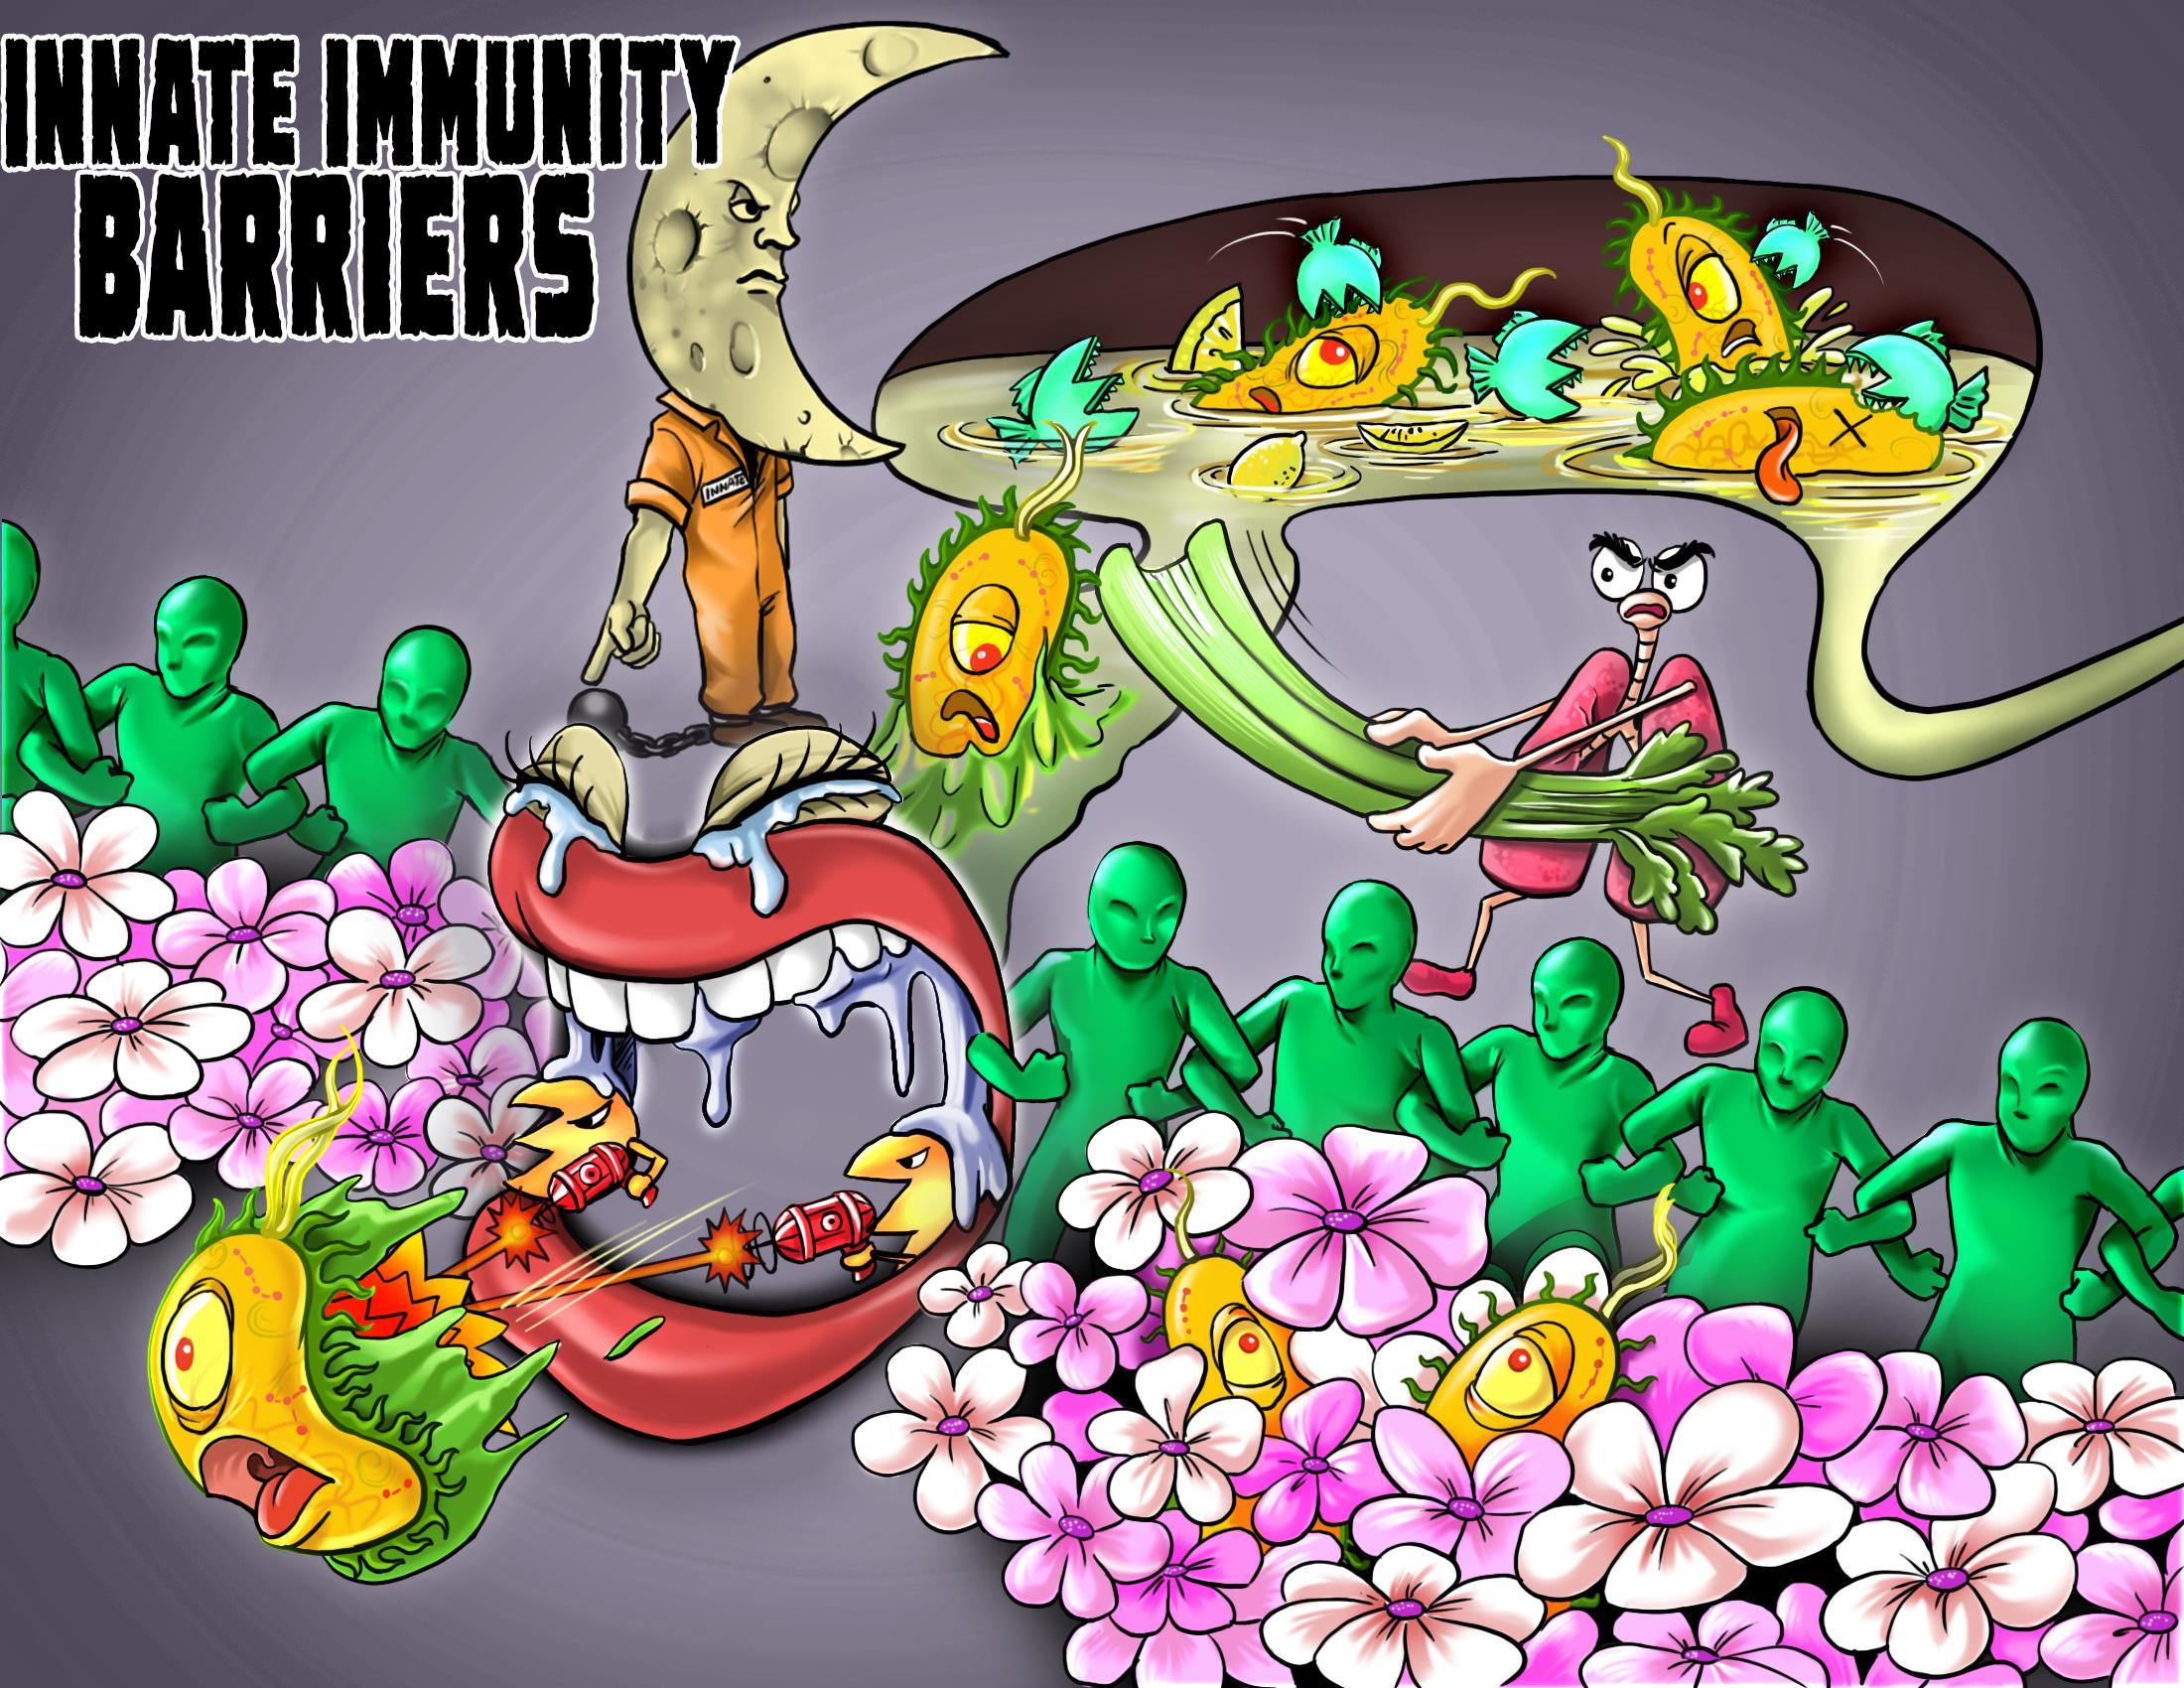 Innate Immunity Barriers